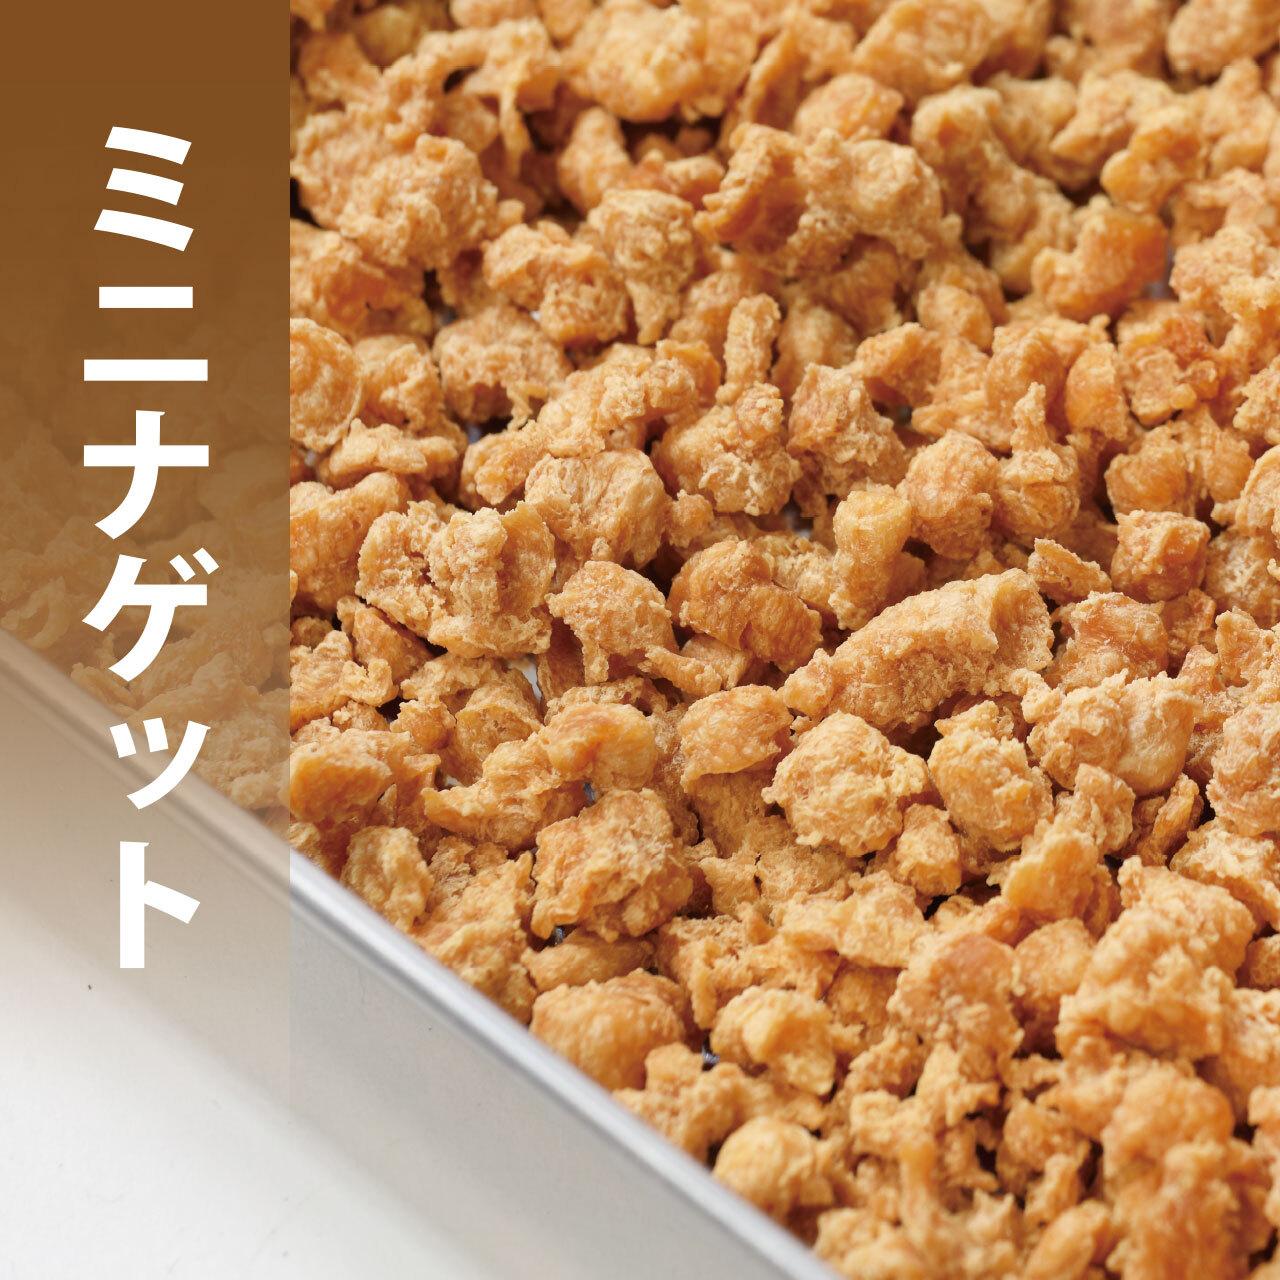 【大豆ミート】Supremeat スプレミート ミニナゲット 350g